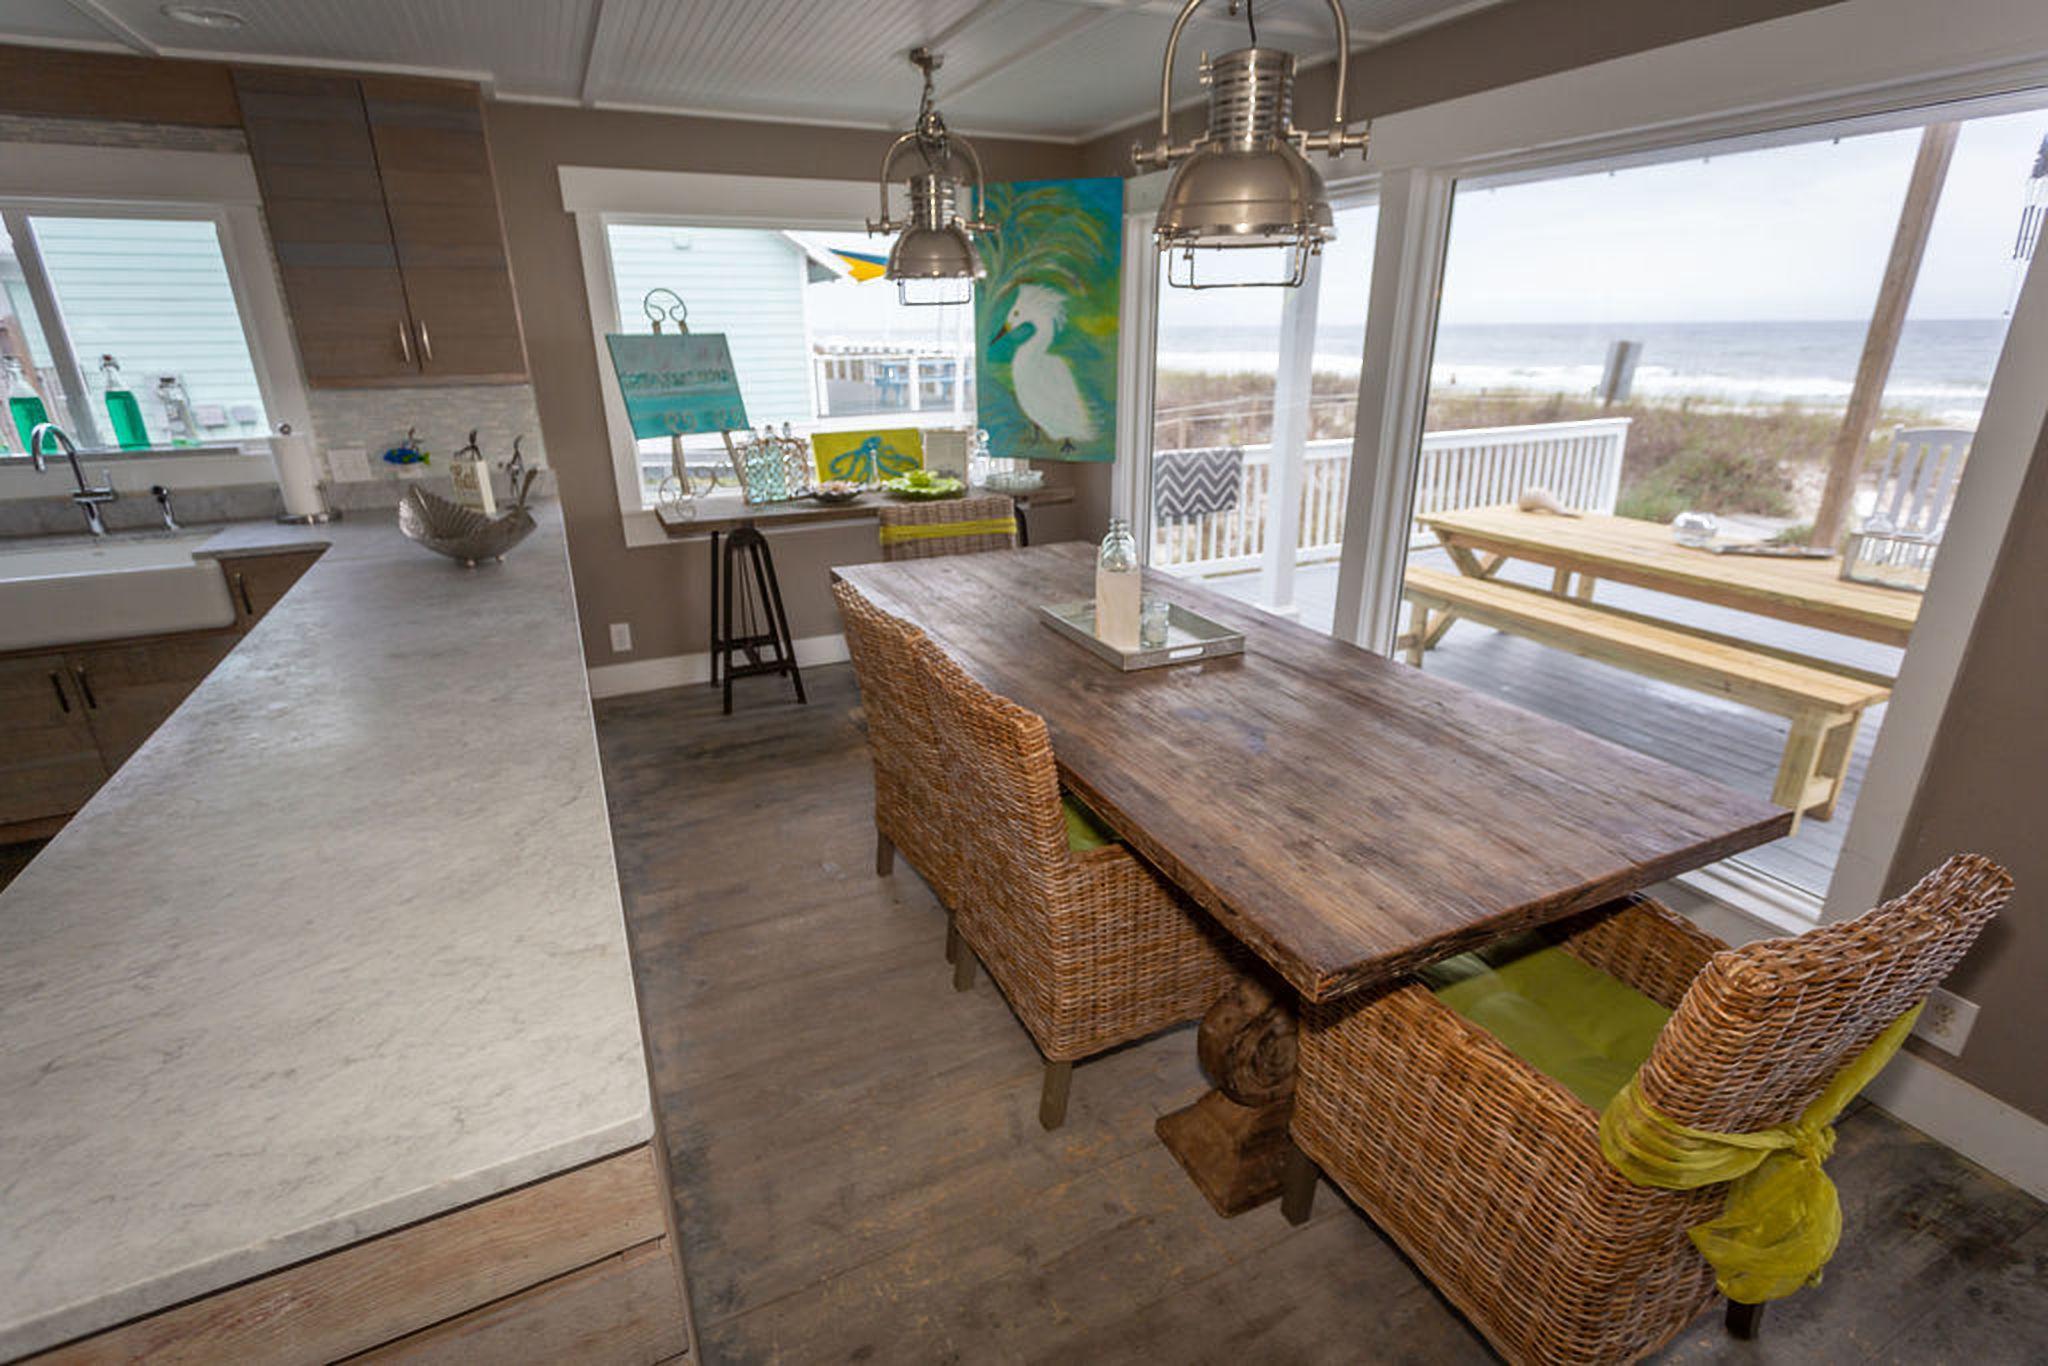 Kitchen bar overlooking the ocean